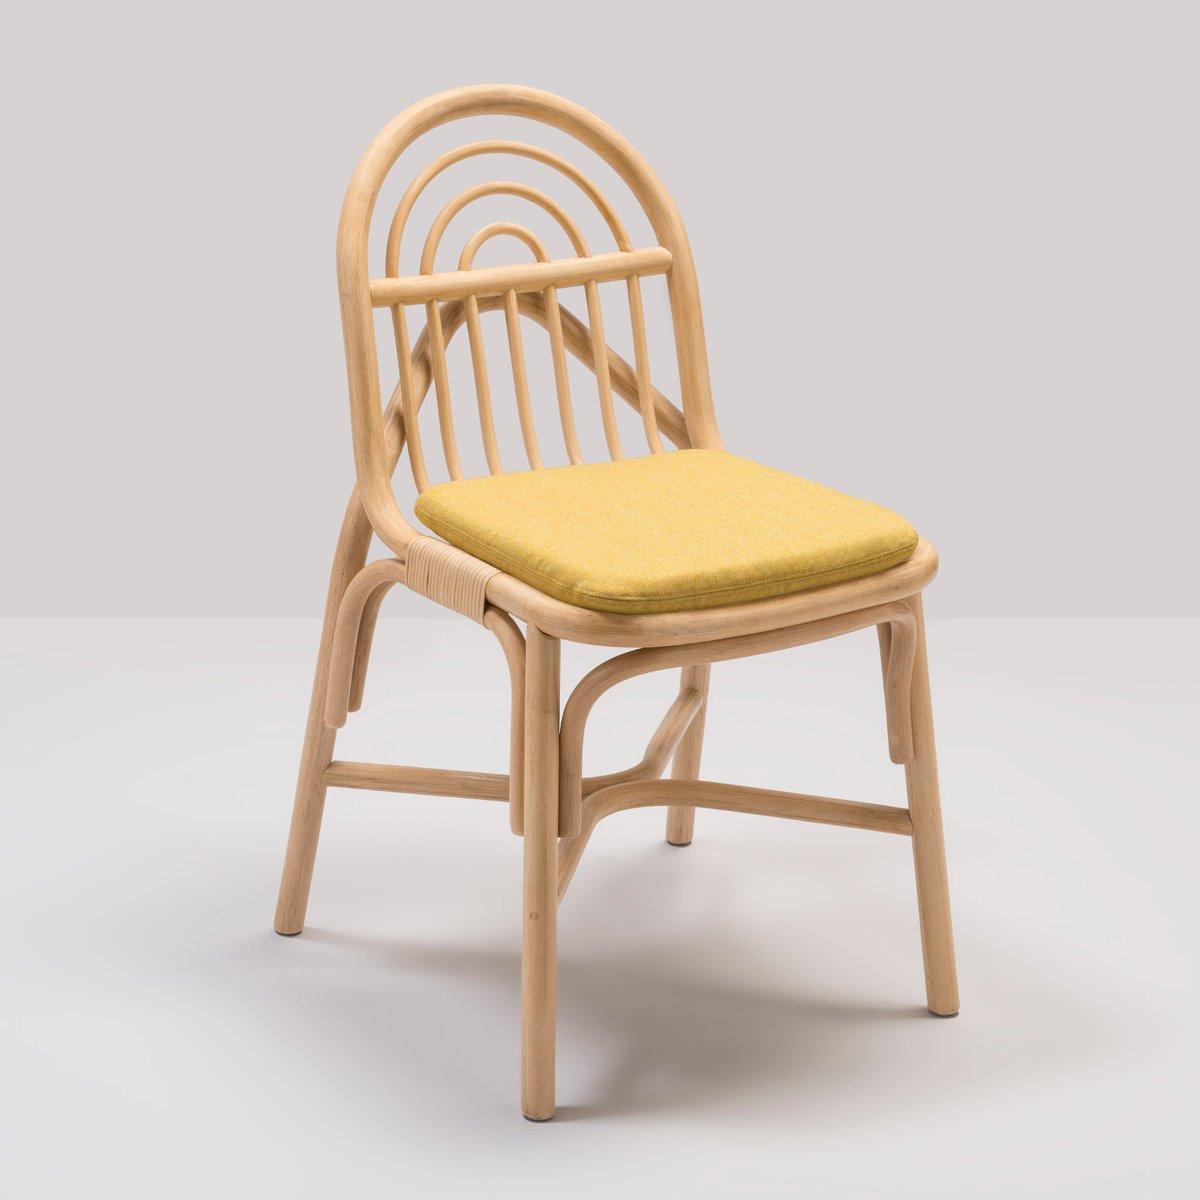 chaise sillon en rotin avec coussin en tissu gabriel jaune par guillaume delvigne pour orchid. Black Bedroom Furniture Sets. Home Design Ideas